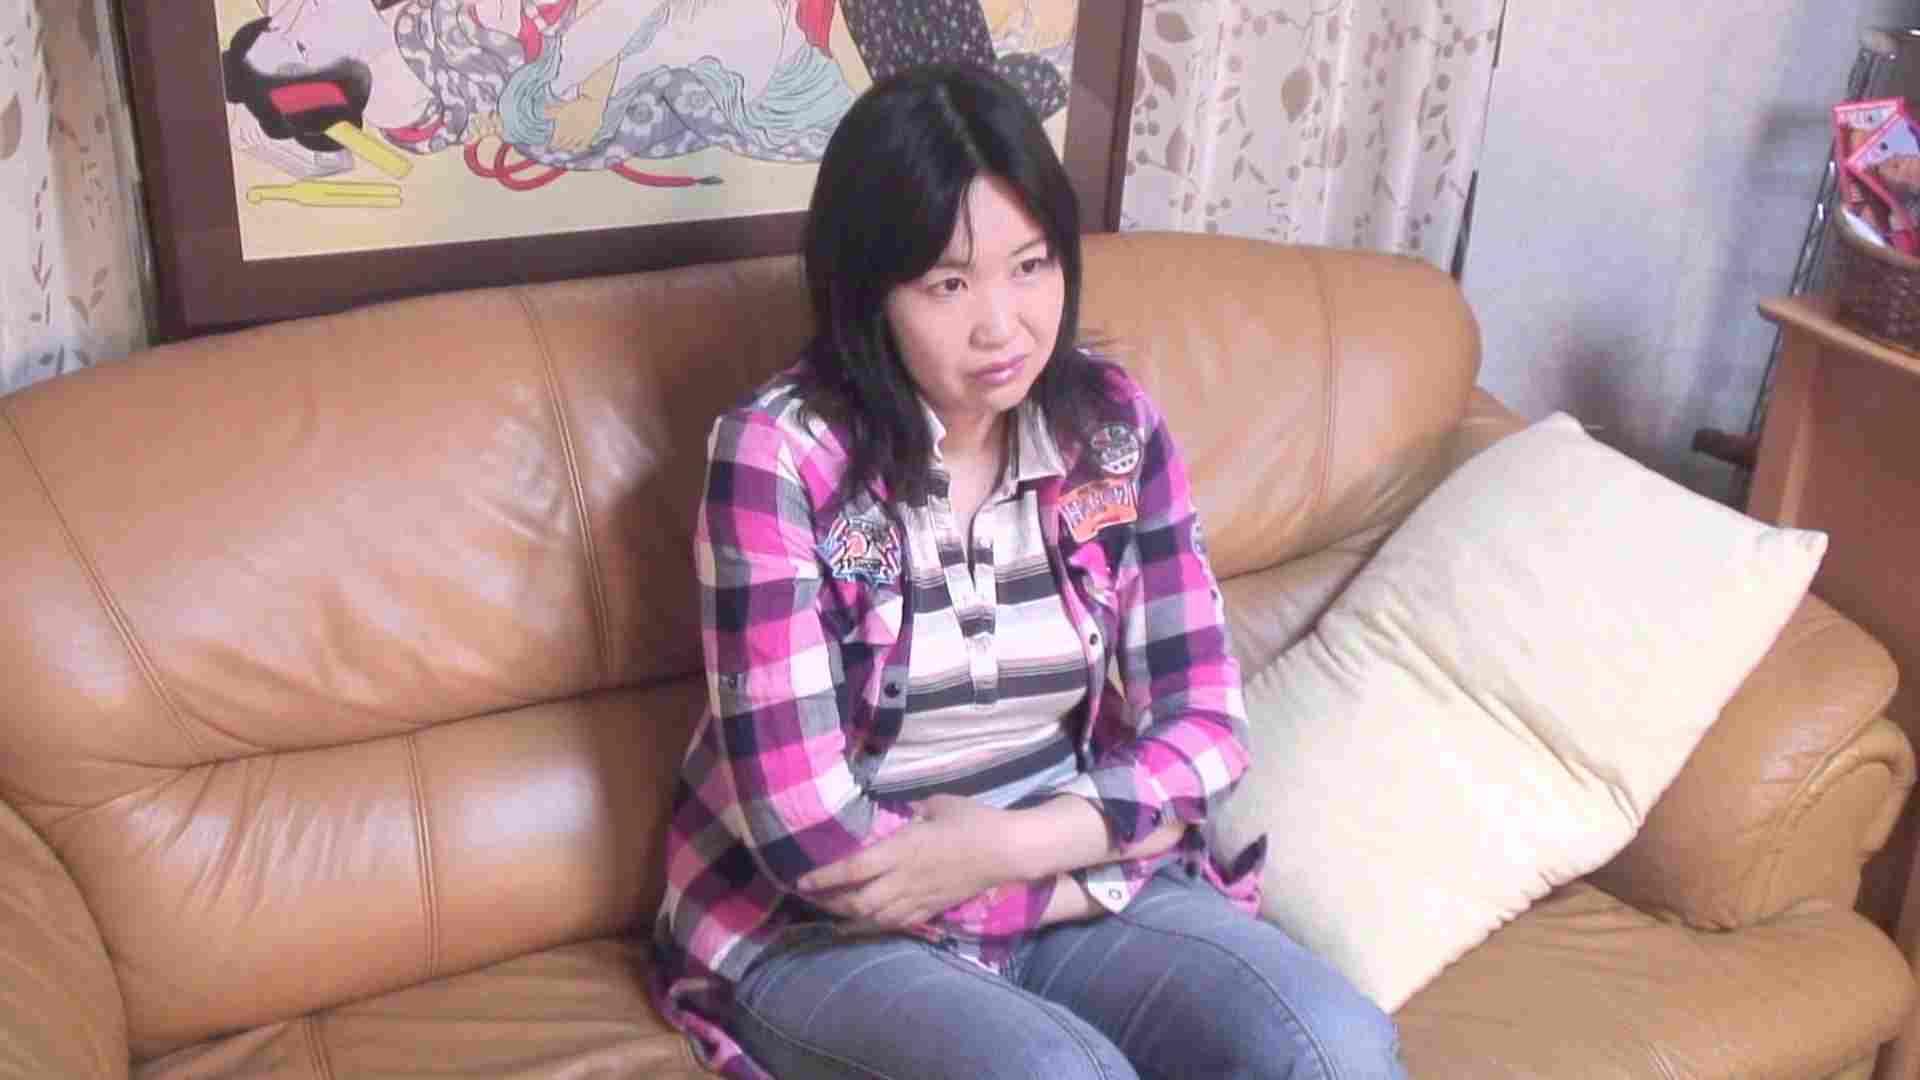 鬼才沖本監督 ドSな女 セックス  78PIX 30